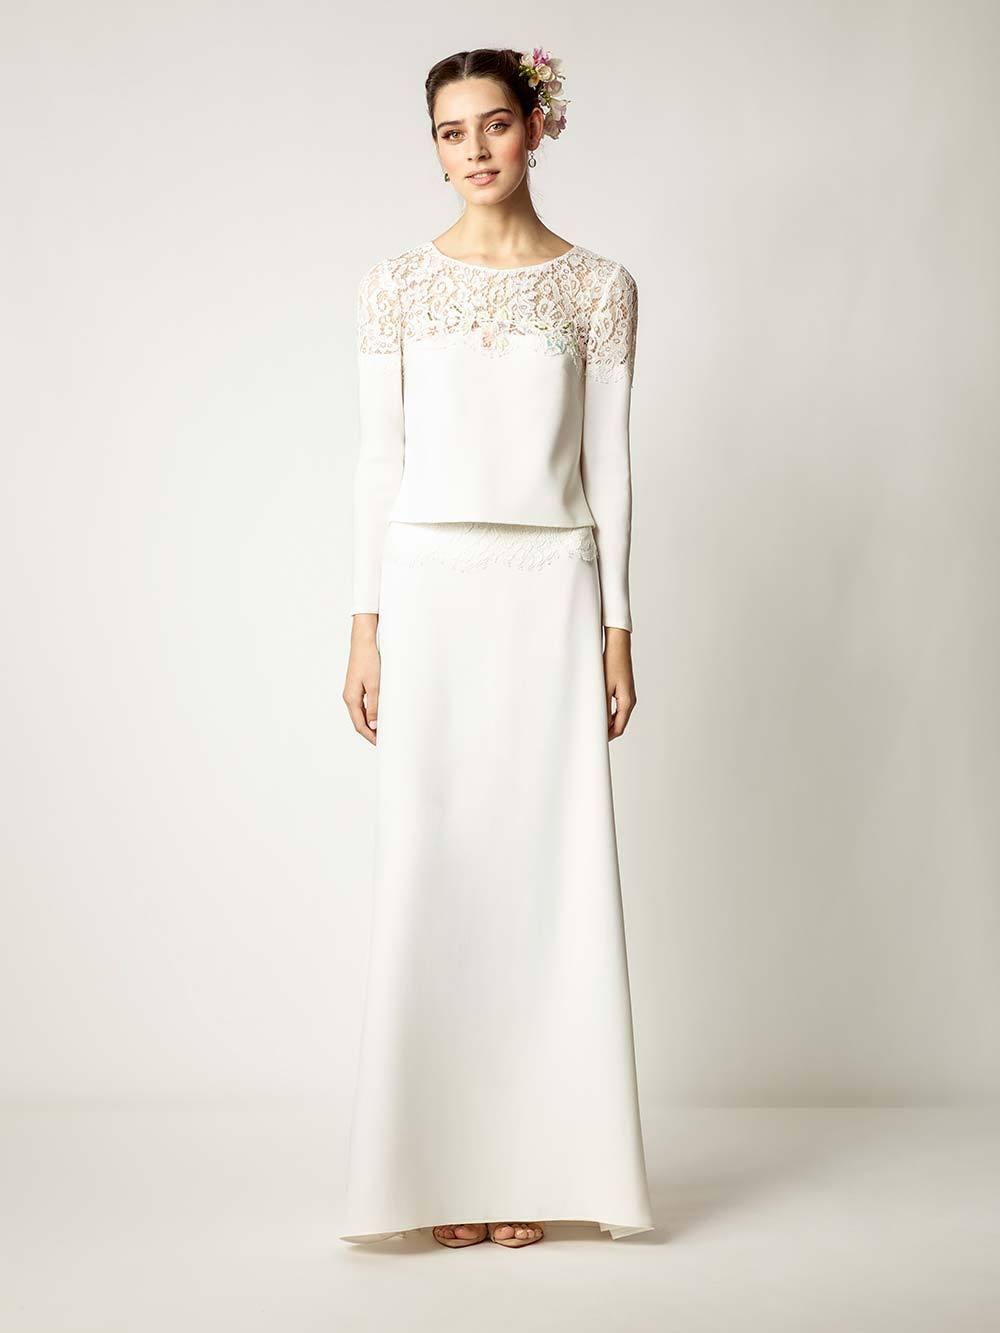 Brautkleid Marie-Claire von Rembo Styling auf Ja.de